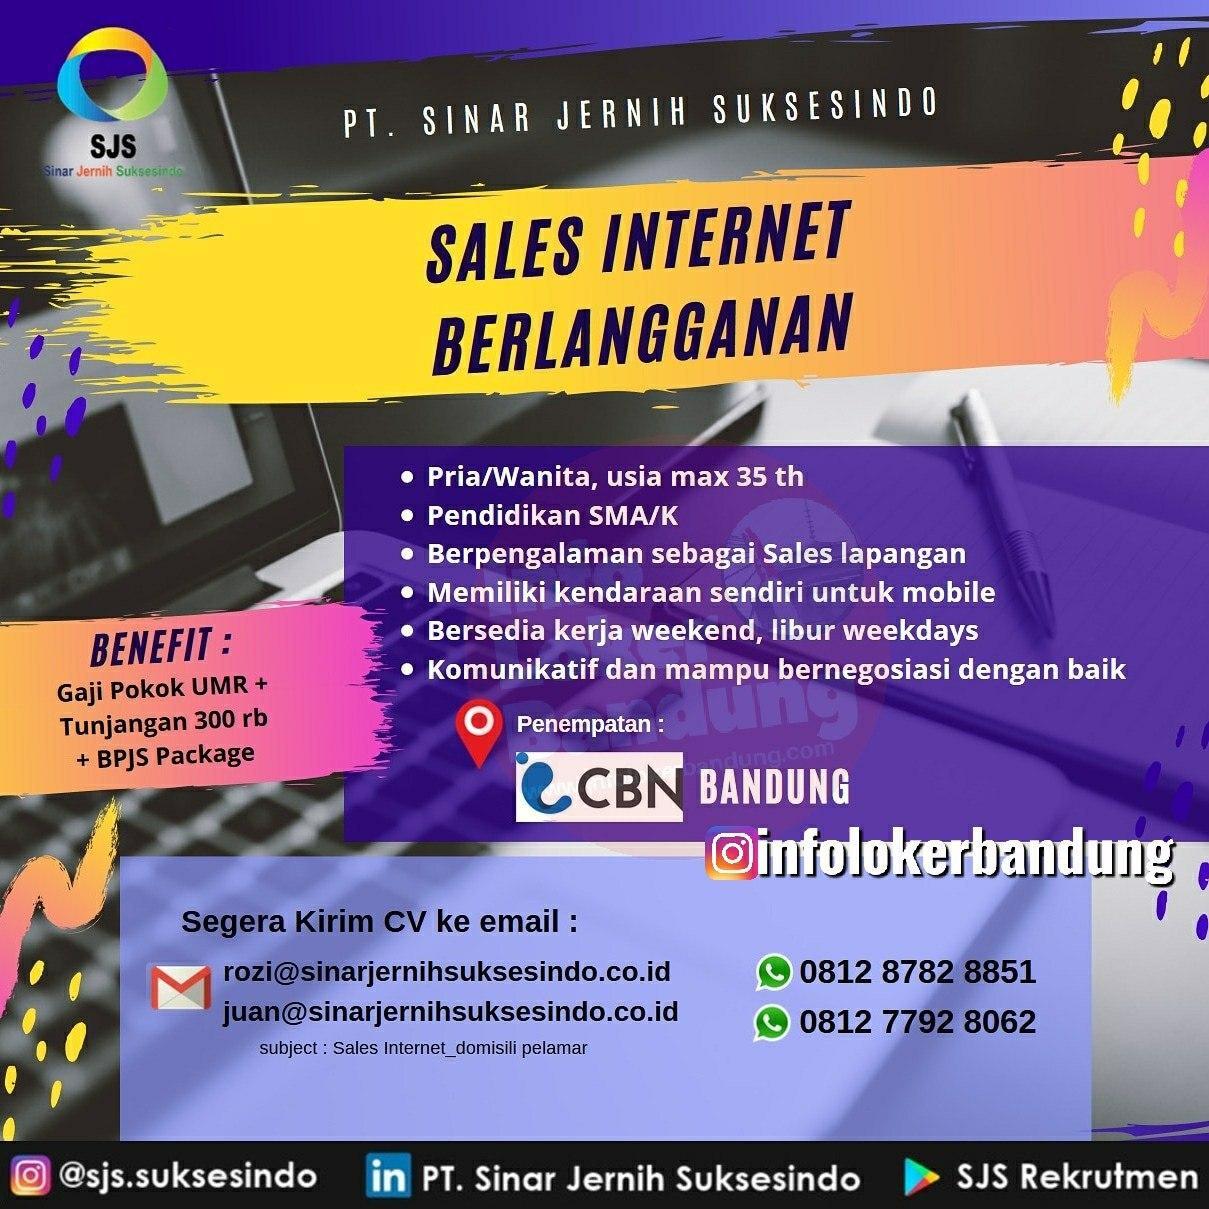 Lowongan Kerja PT. Sinar Jernih Suksesindo Bandung Januari 2020